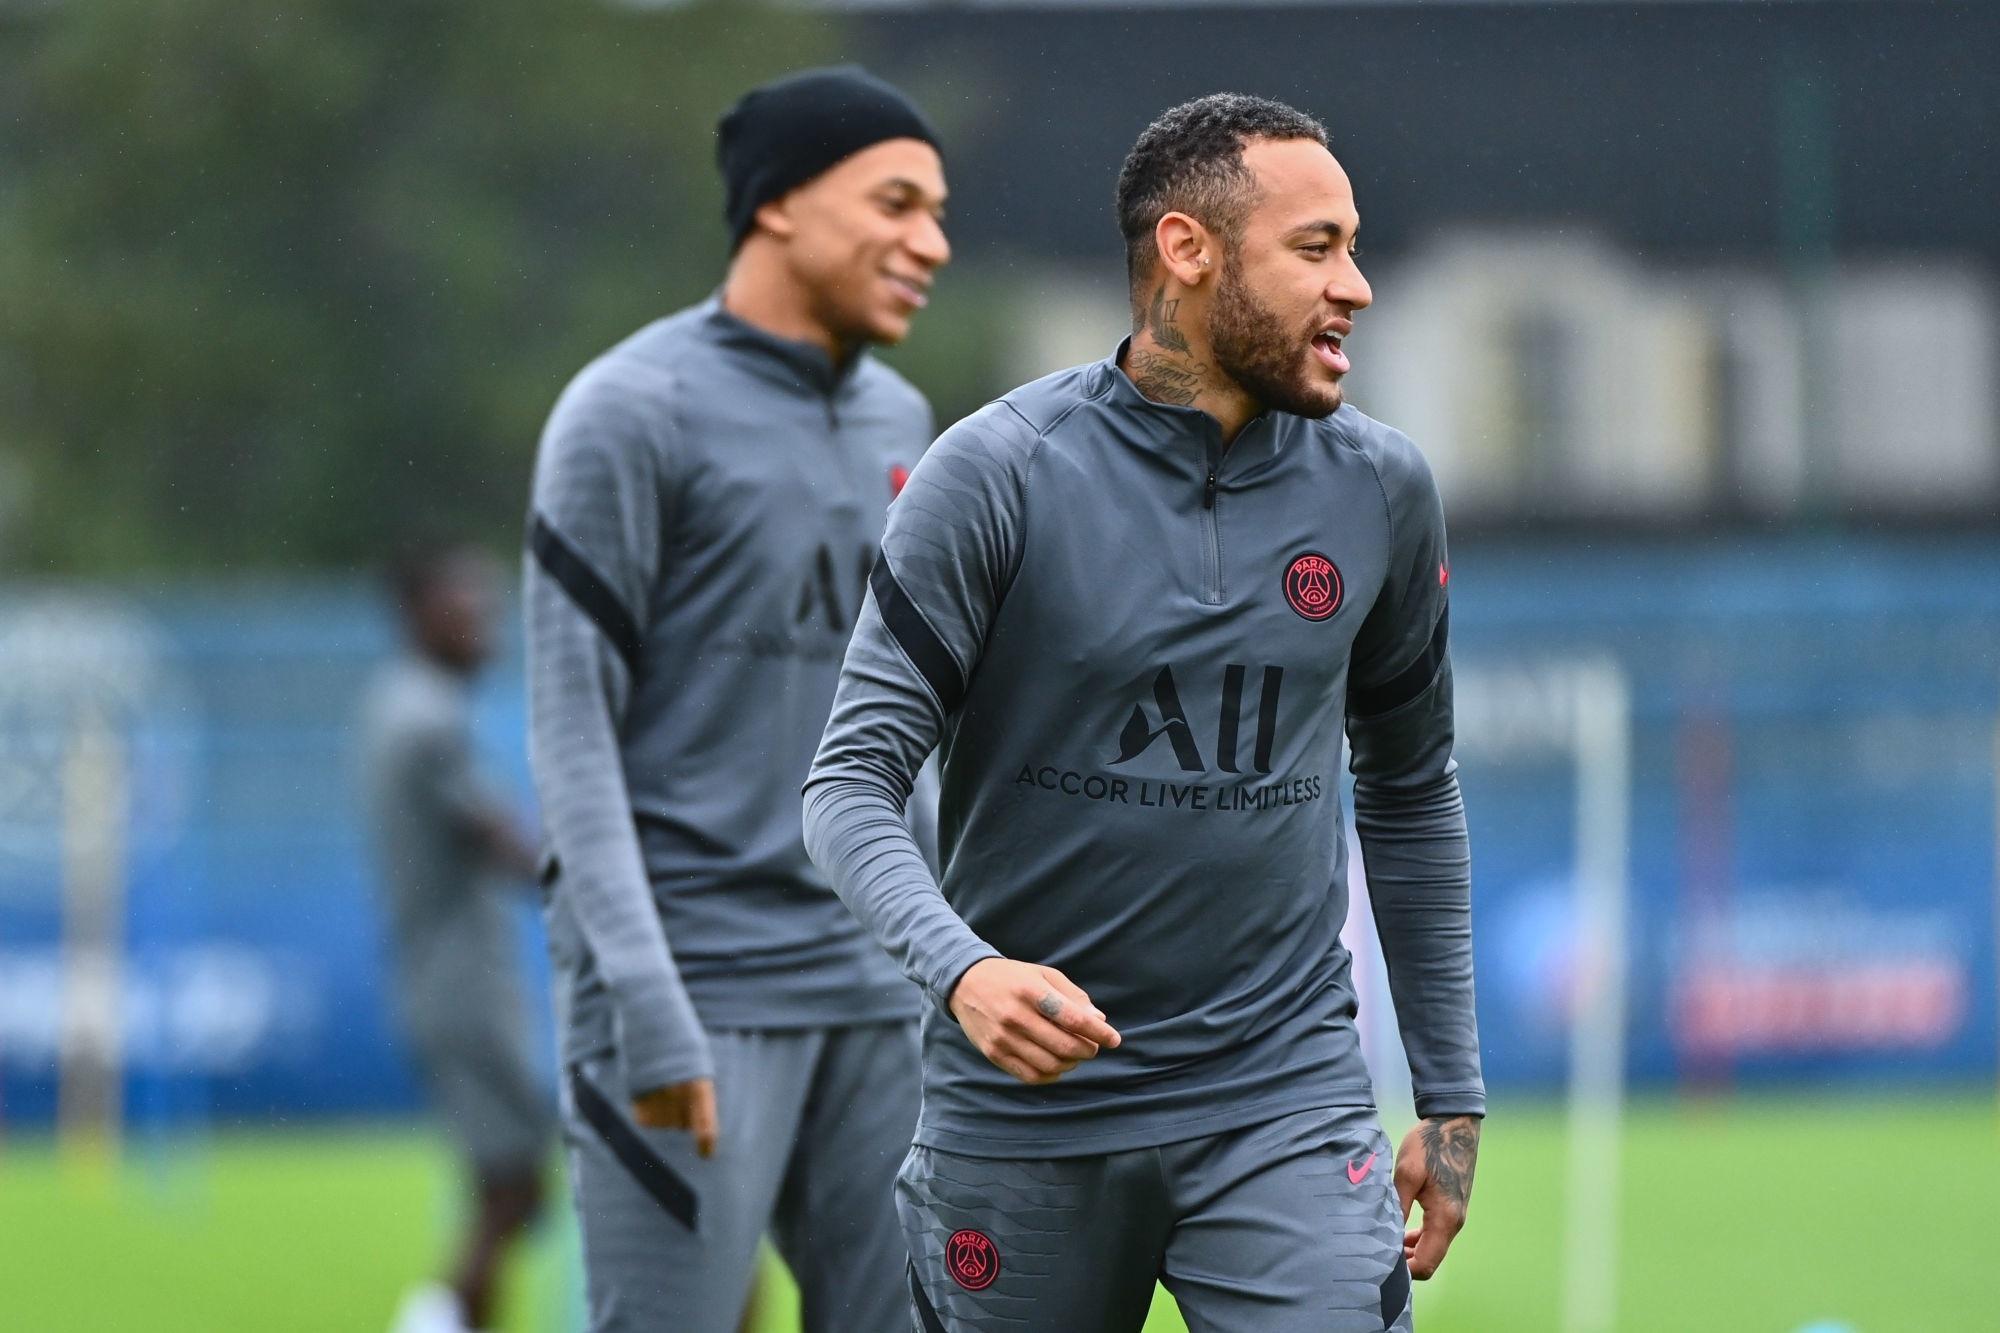 """Rothen calme la polémique entre Mbappé et Neymar """"Il n'y a pas de mal-être"""""""